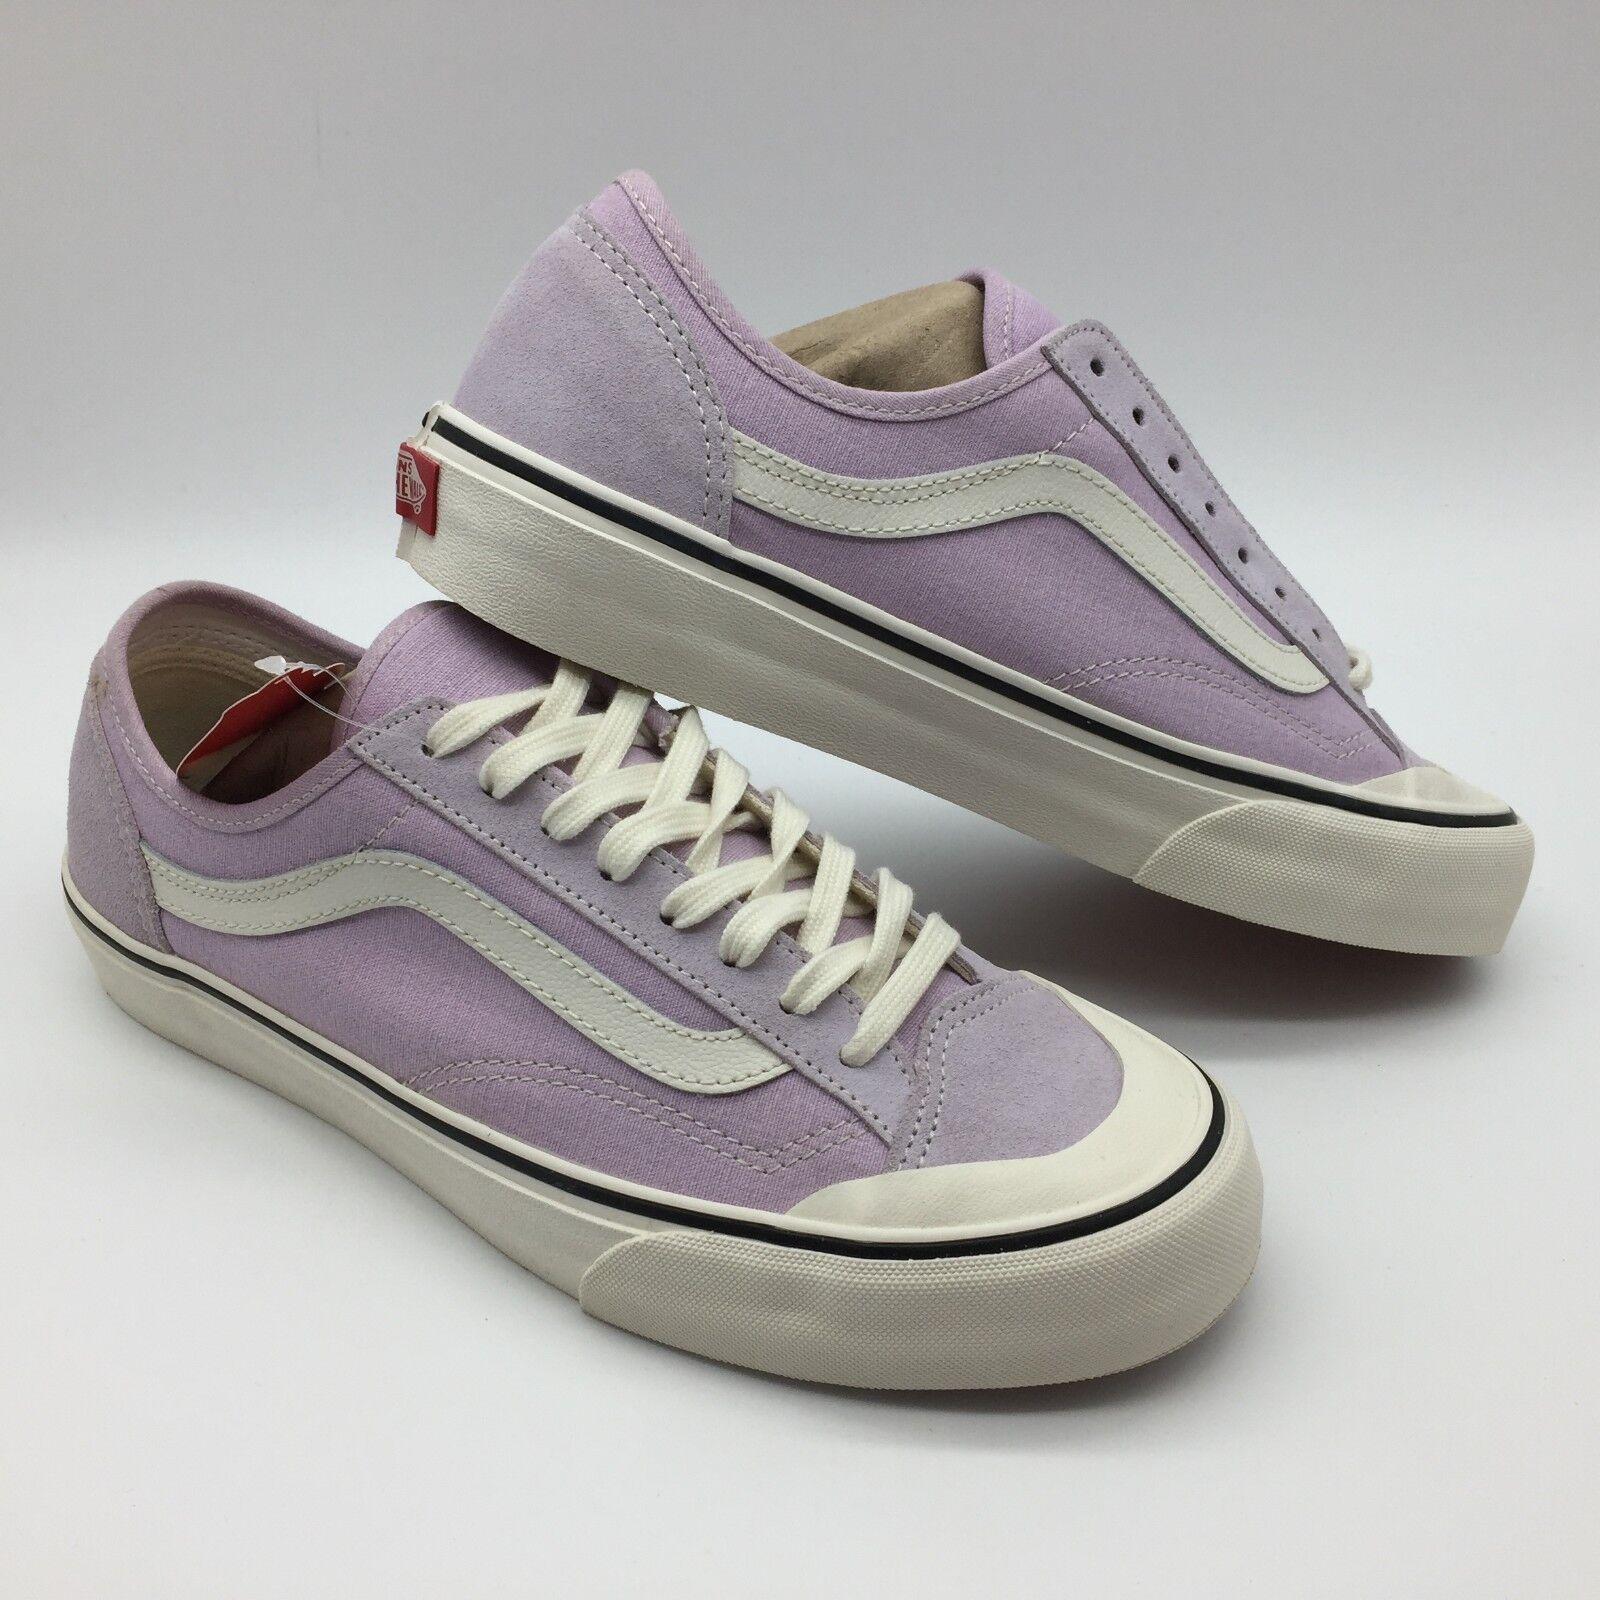 Vans Men's Women's shoes's  Style 36 Decon SF  -- (Salt Wash) Lavender Fog